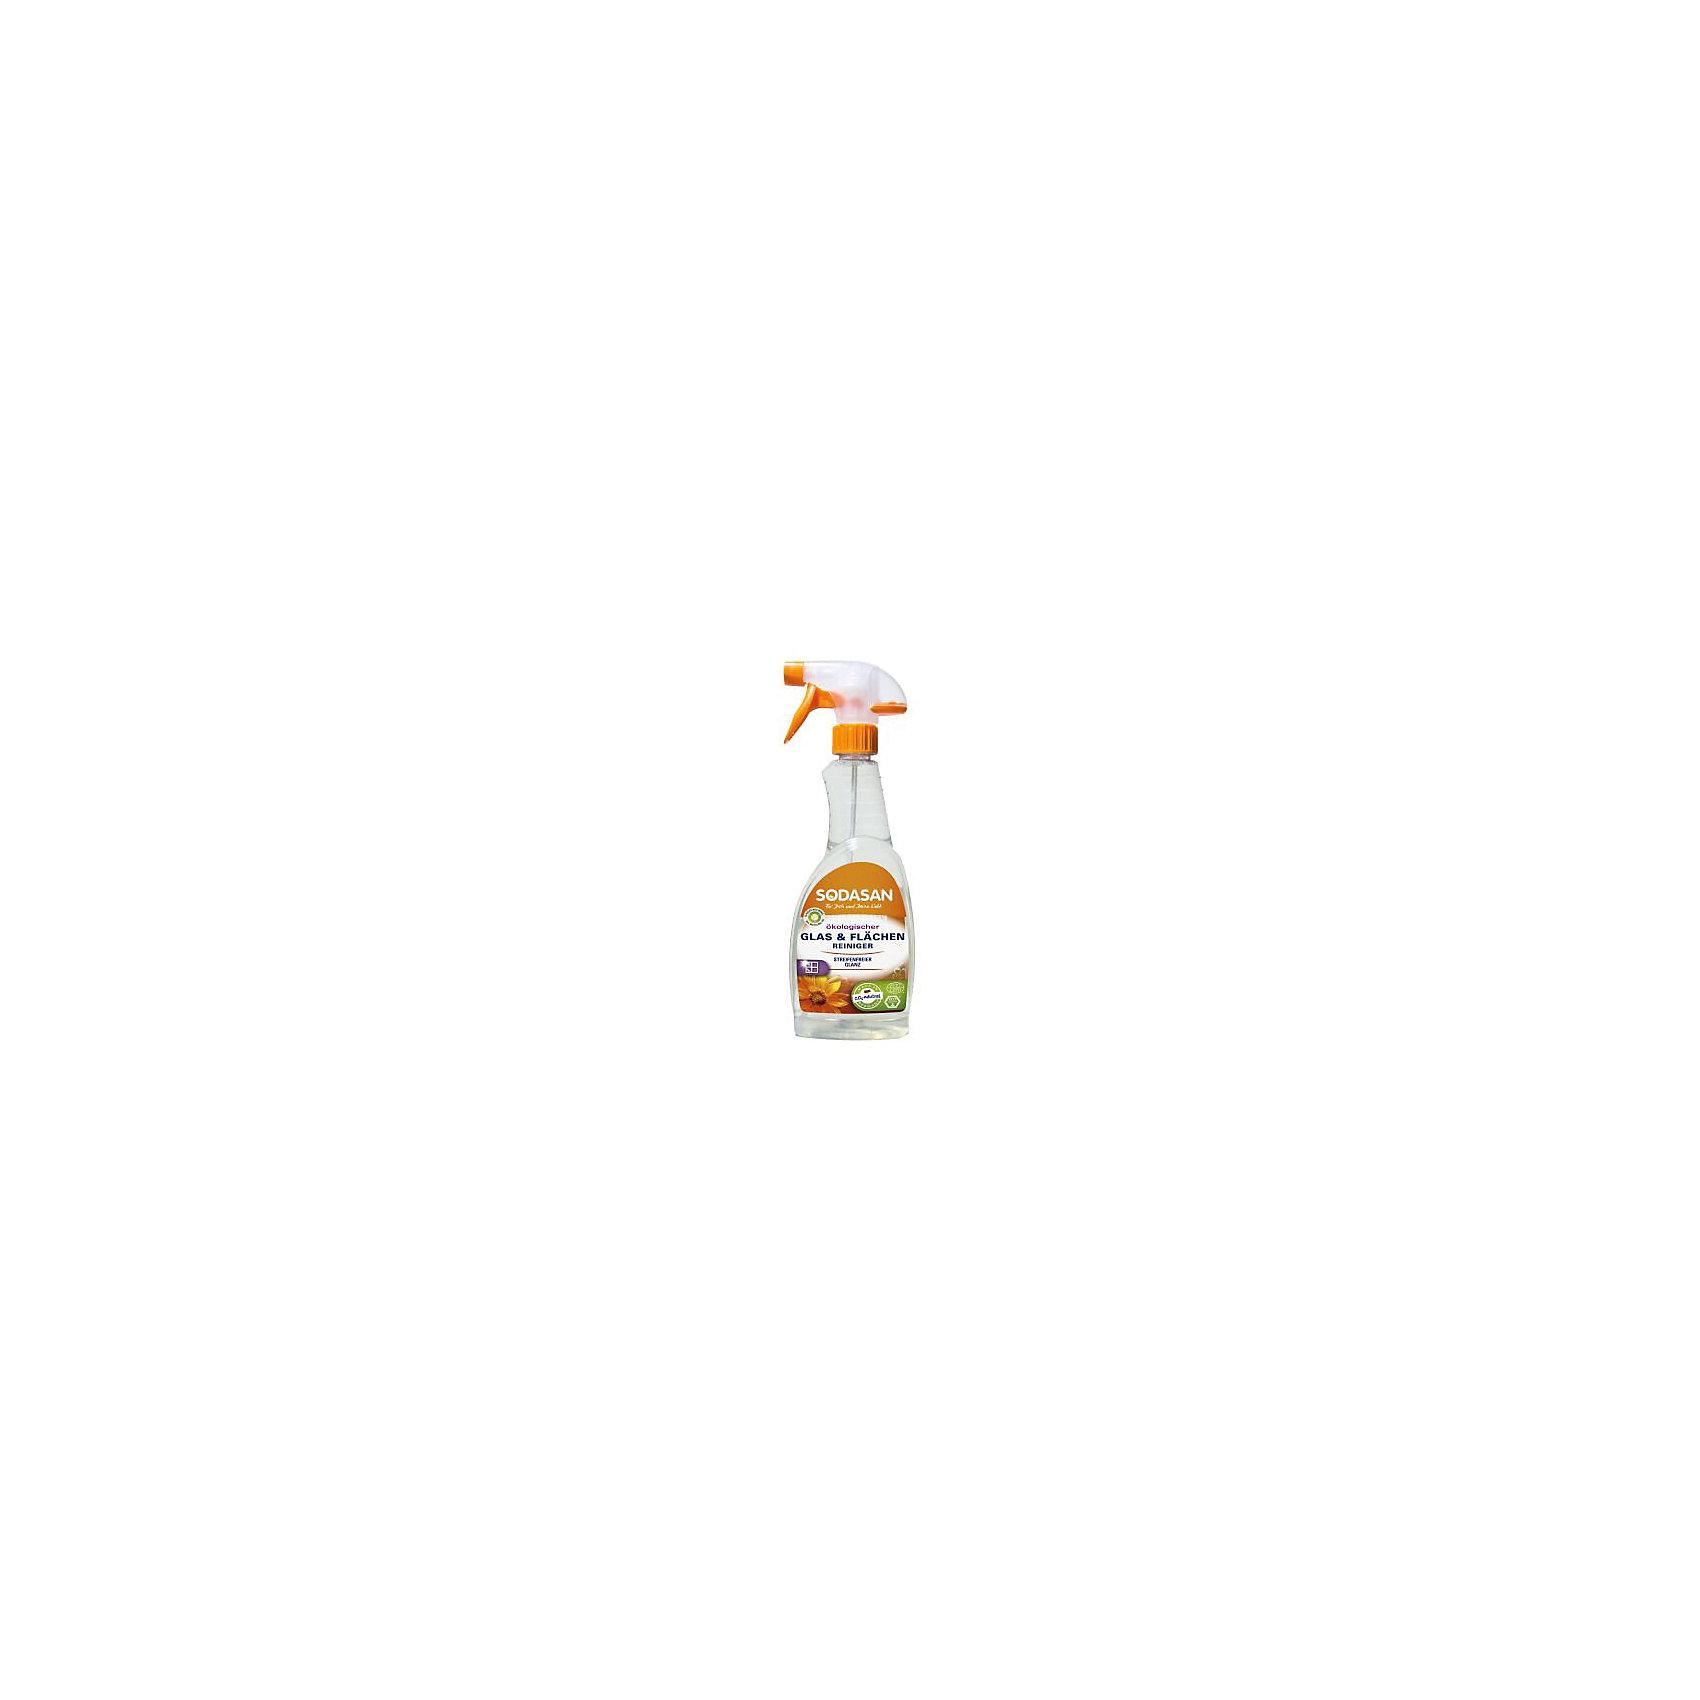 Средство моющее для стекла 500мл, SodasanБытовая химия<br>Блеск без разводов<br>Преимущества:<br><br>содержит чистый спирт<br>без консервантов<br>изготовлено из специально обработанной воды<br>подходит для окон, зеркал и настенной и напольной плитки<br>Использование:<br>Универсальный спрей для чистки разводов на гладких поверхностях. Подходит для микроволоконных тканей.<br><br>Экологические преимущества:<br>Продукт не содержит детергентов или ферментов. Мы используем только электроэнергию Greenpeace energy, следовательно, на 100% обходимся без ядерной энергии.<br><br>Добавить комментарий<br><br>Ширина мм: 250<br>Глубина мм: 100<br>Высота мм: 250<br>Вес г: 500<br>Возраст от месяцев: 216<br>Возраст до месяцев: 1188<br>Пол: Унисекс<br>Возраст: Детский<br>SKU: 5407626